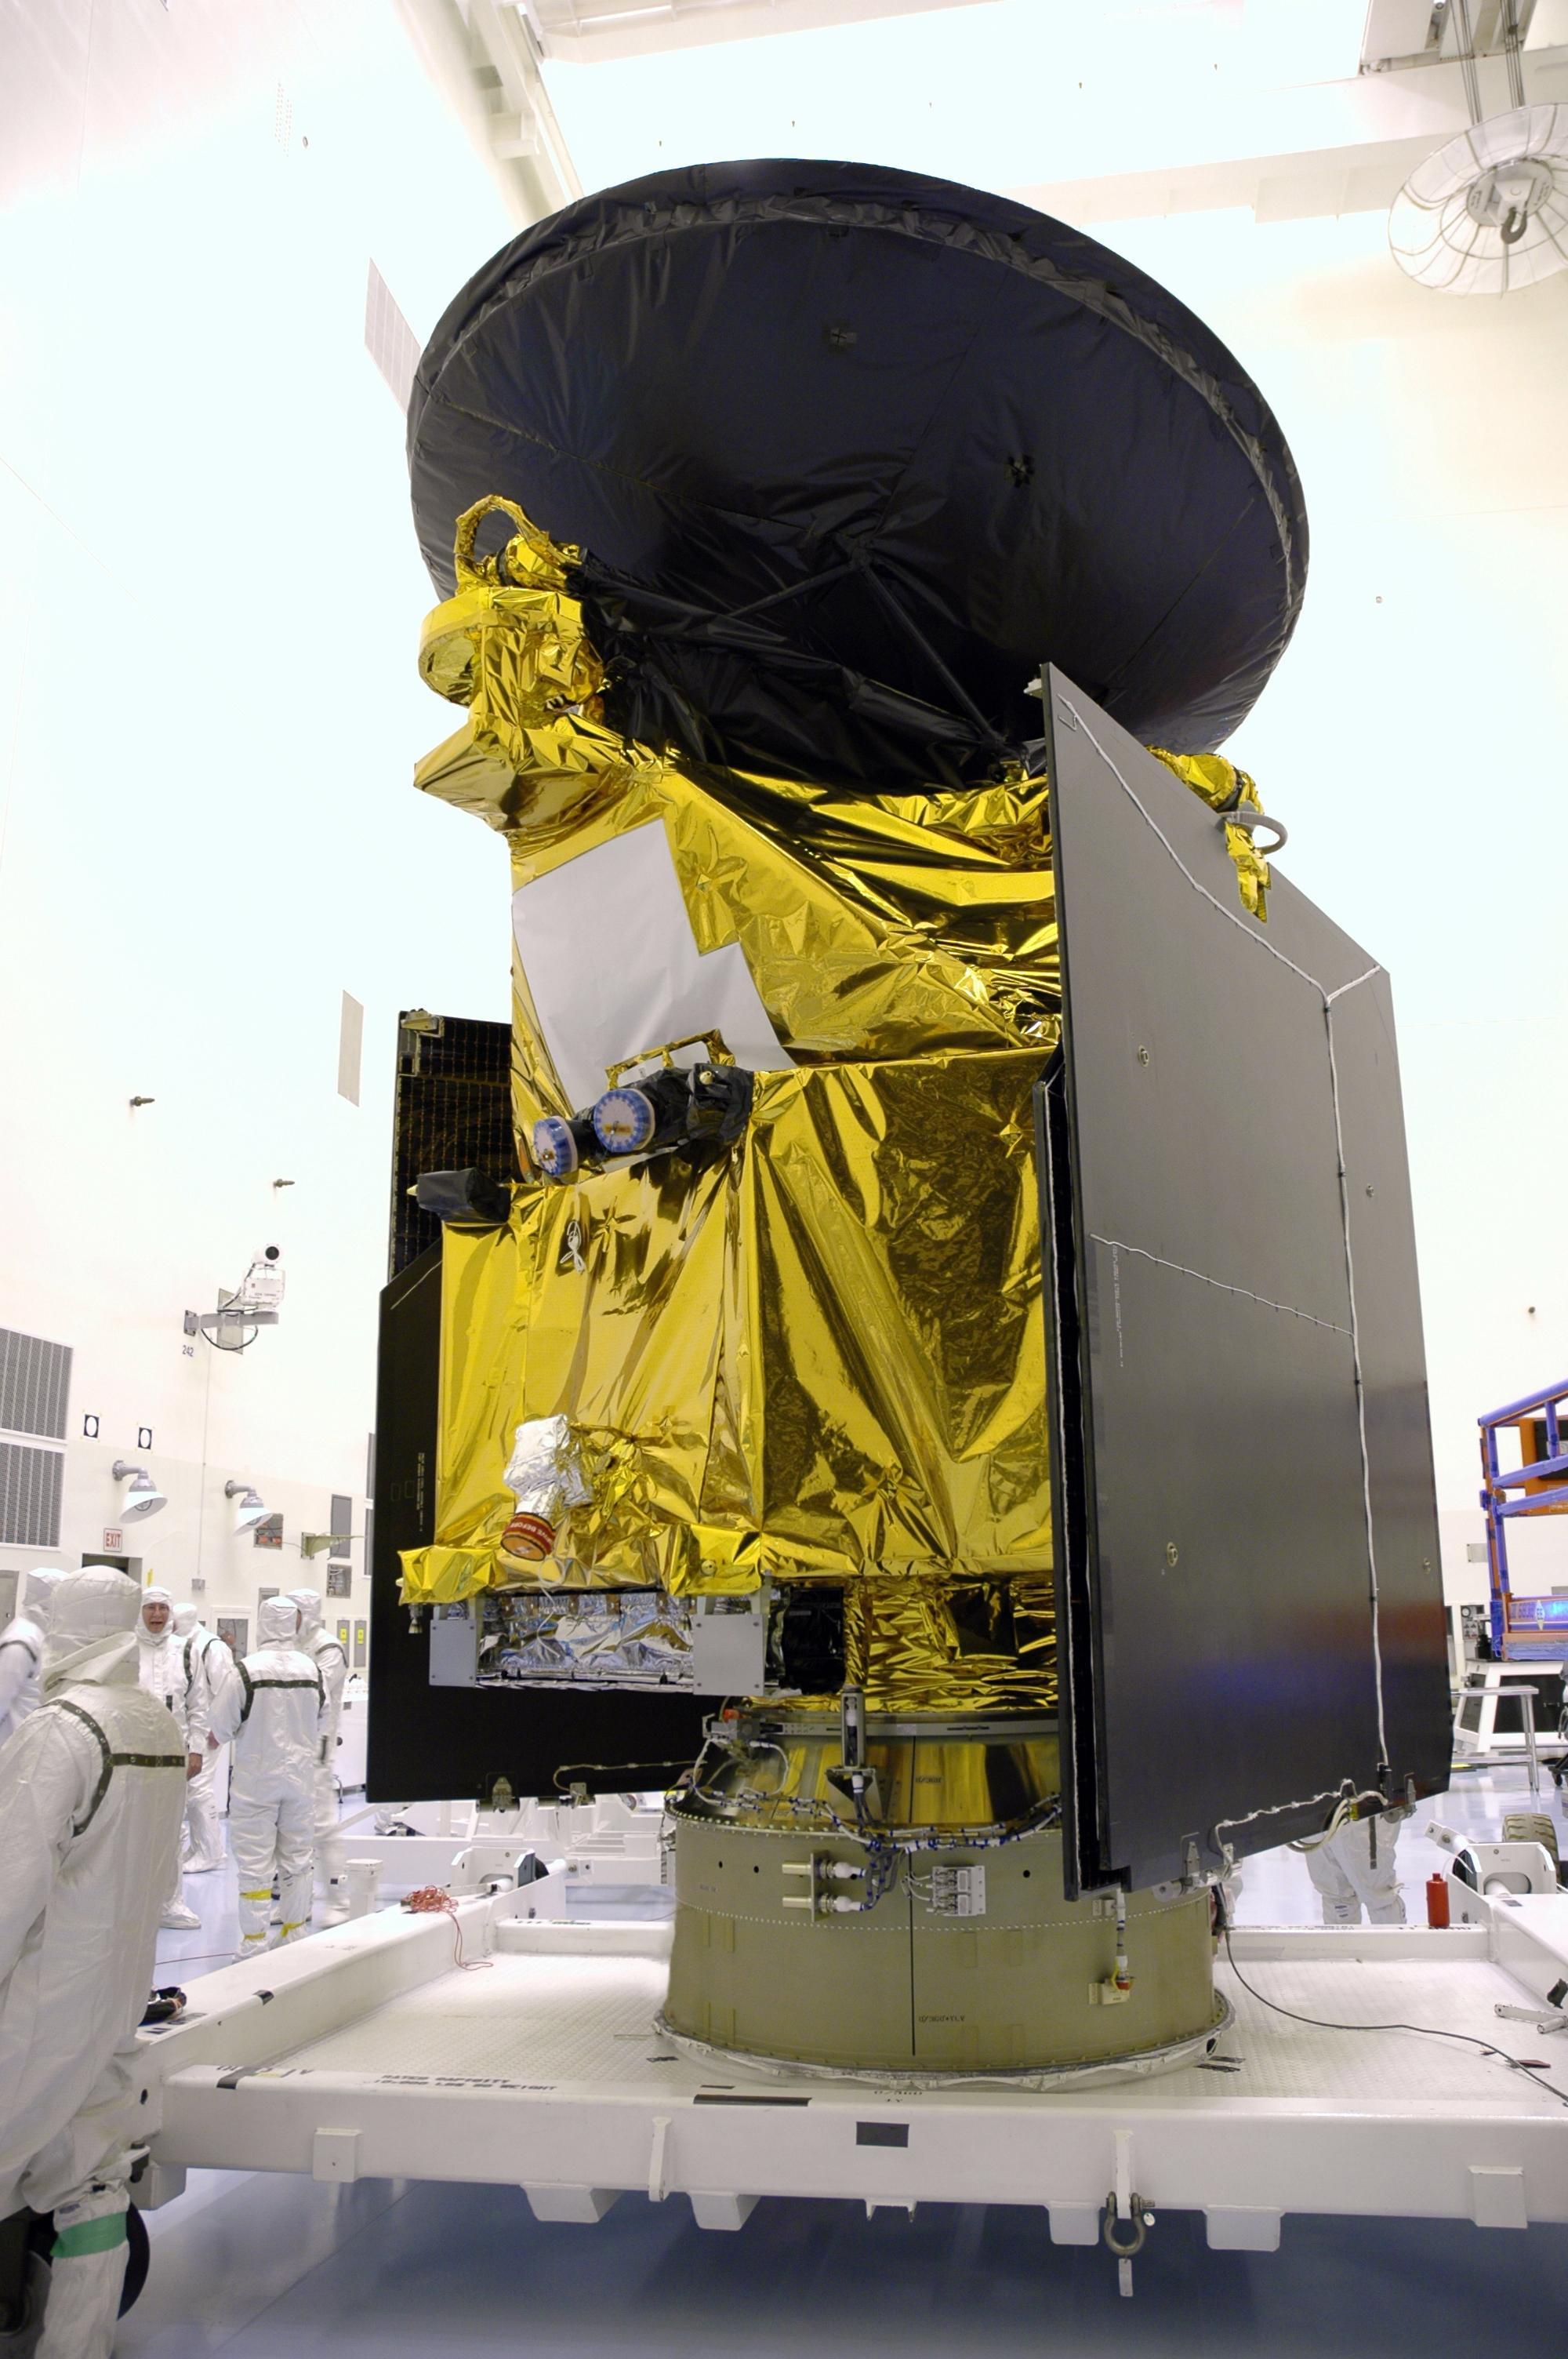 https://upload.wikimedia.org/wikipedia/commons/5/59/Mars_Reconnaissance_Orbiter_fully_assembled.jpg